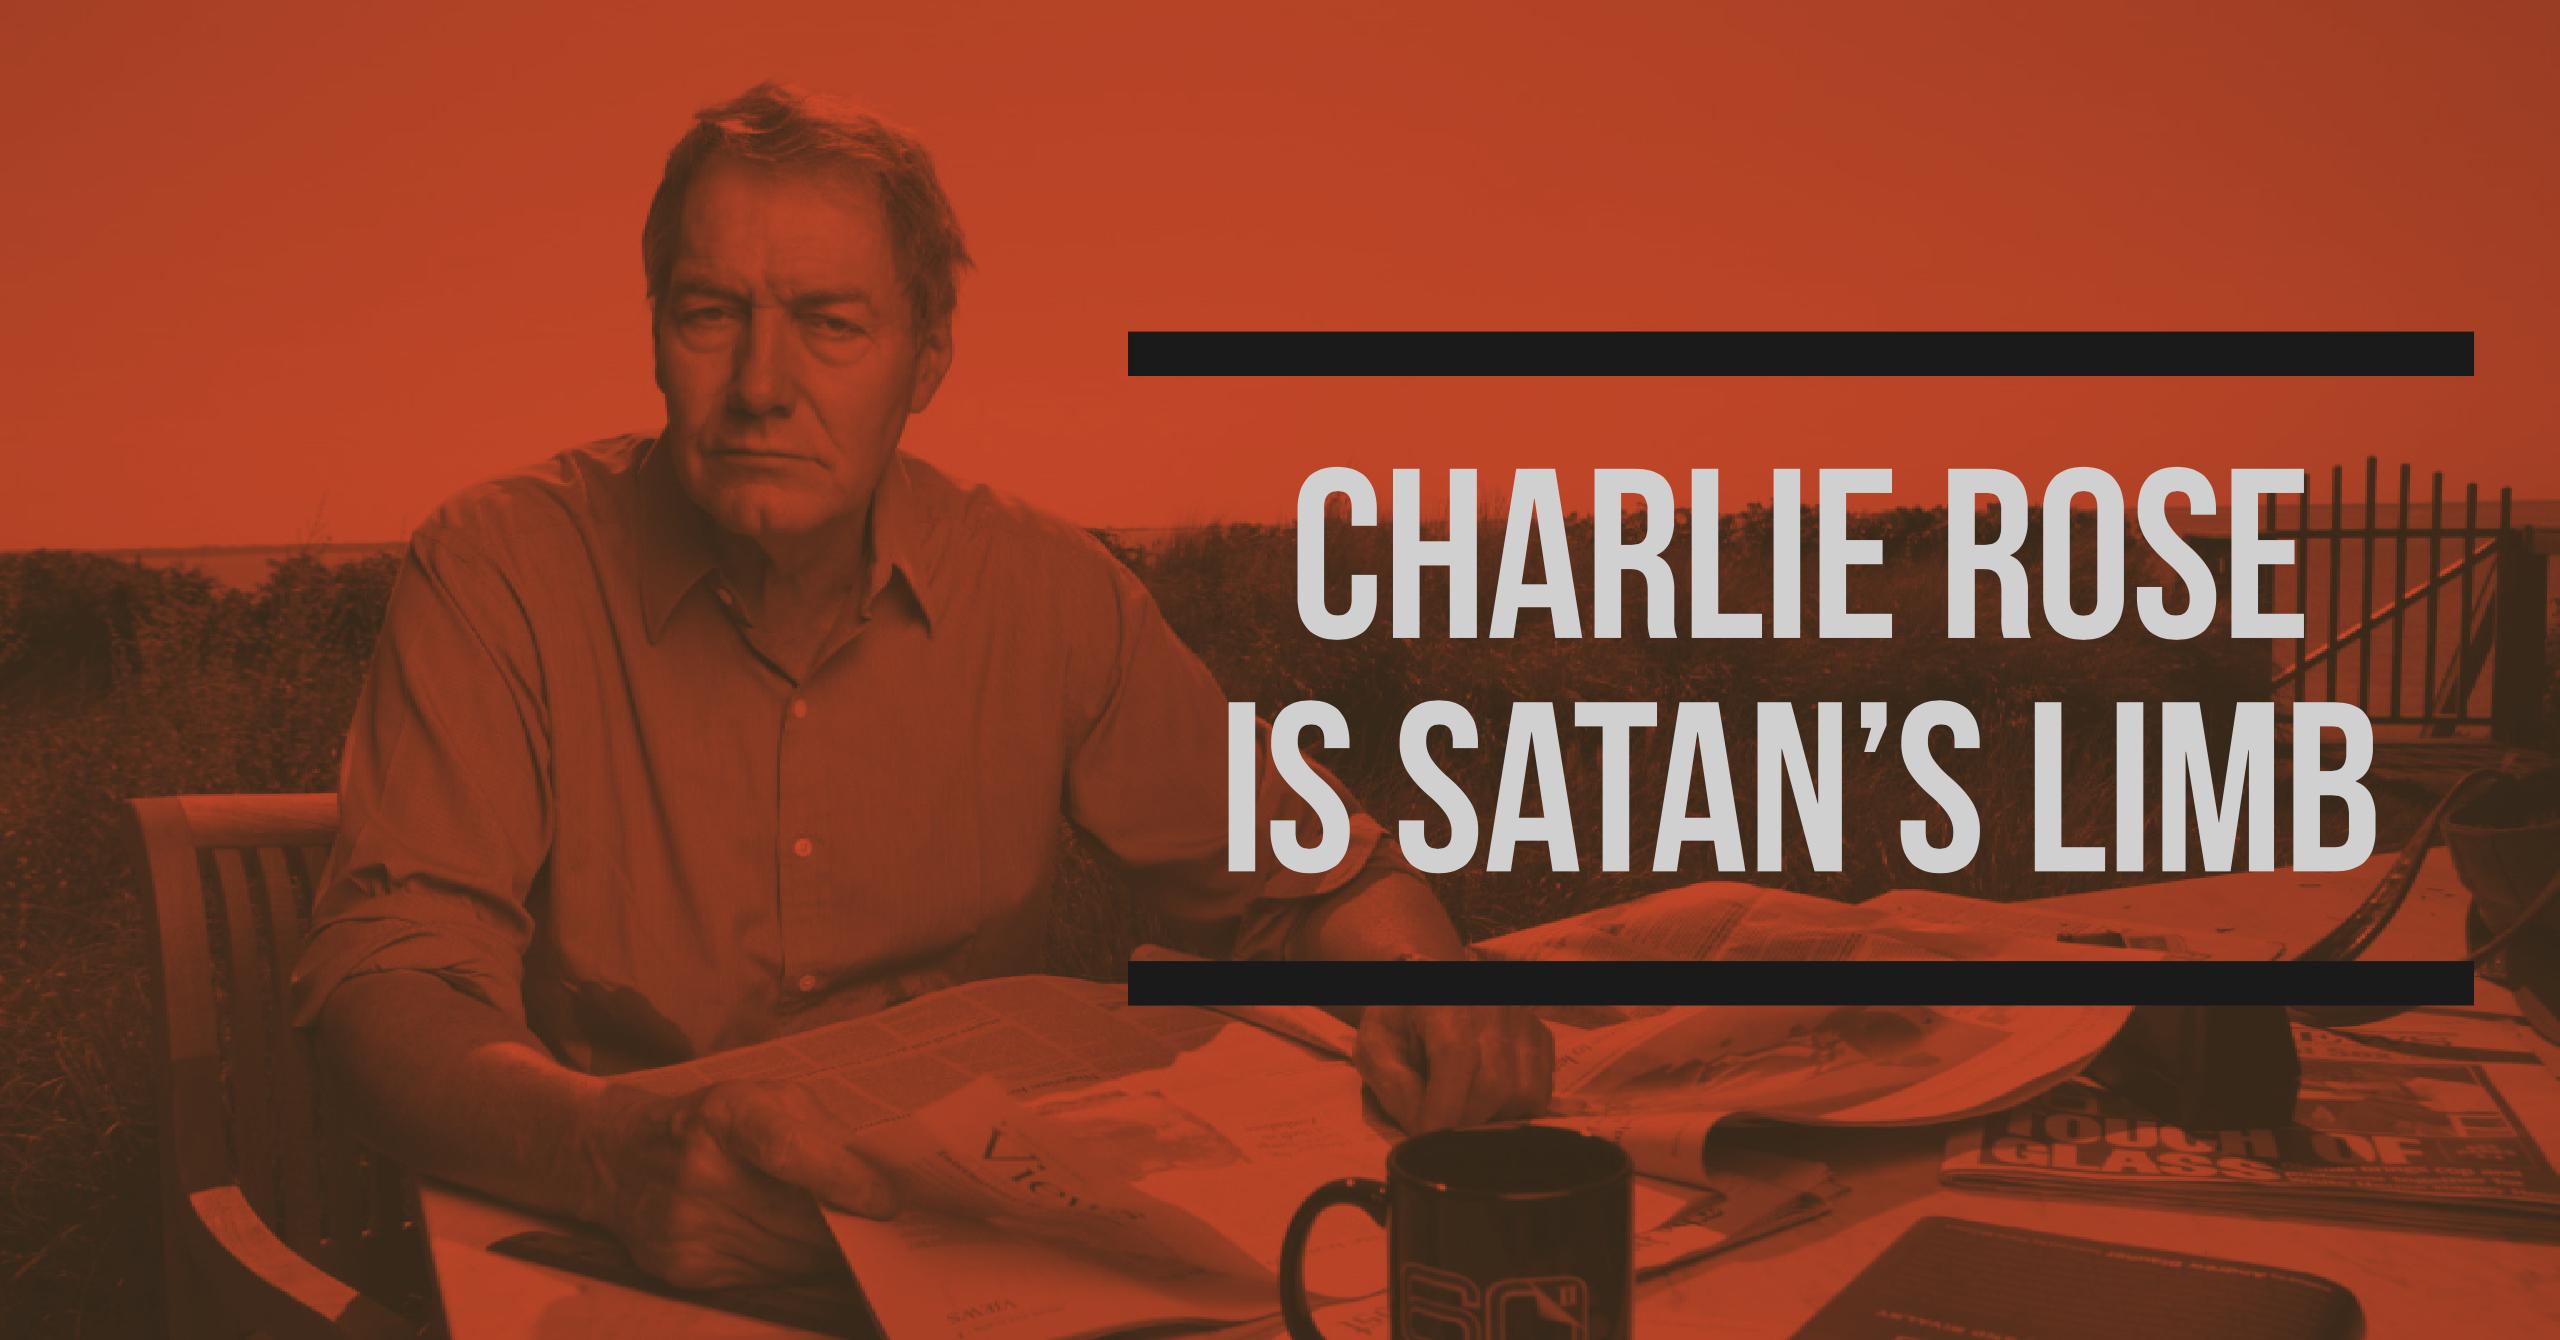 Charlie Rose is Satan